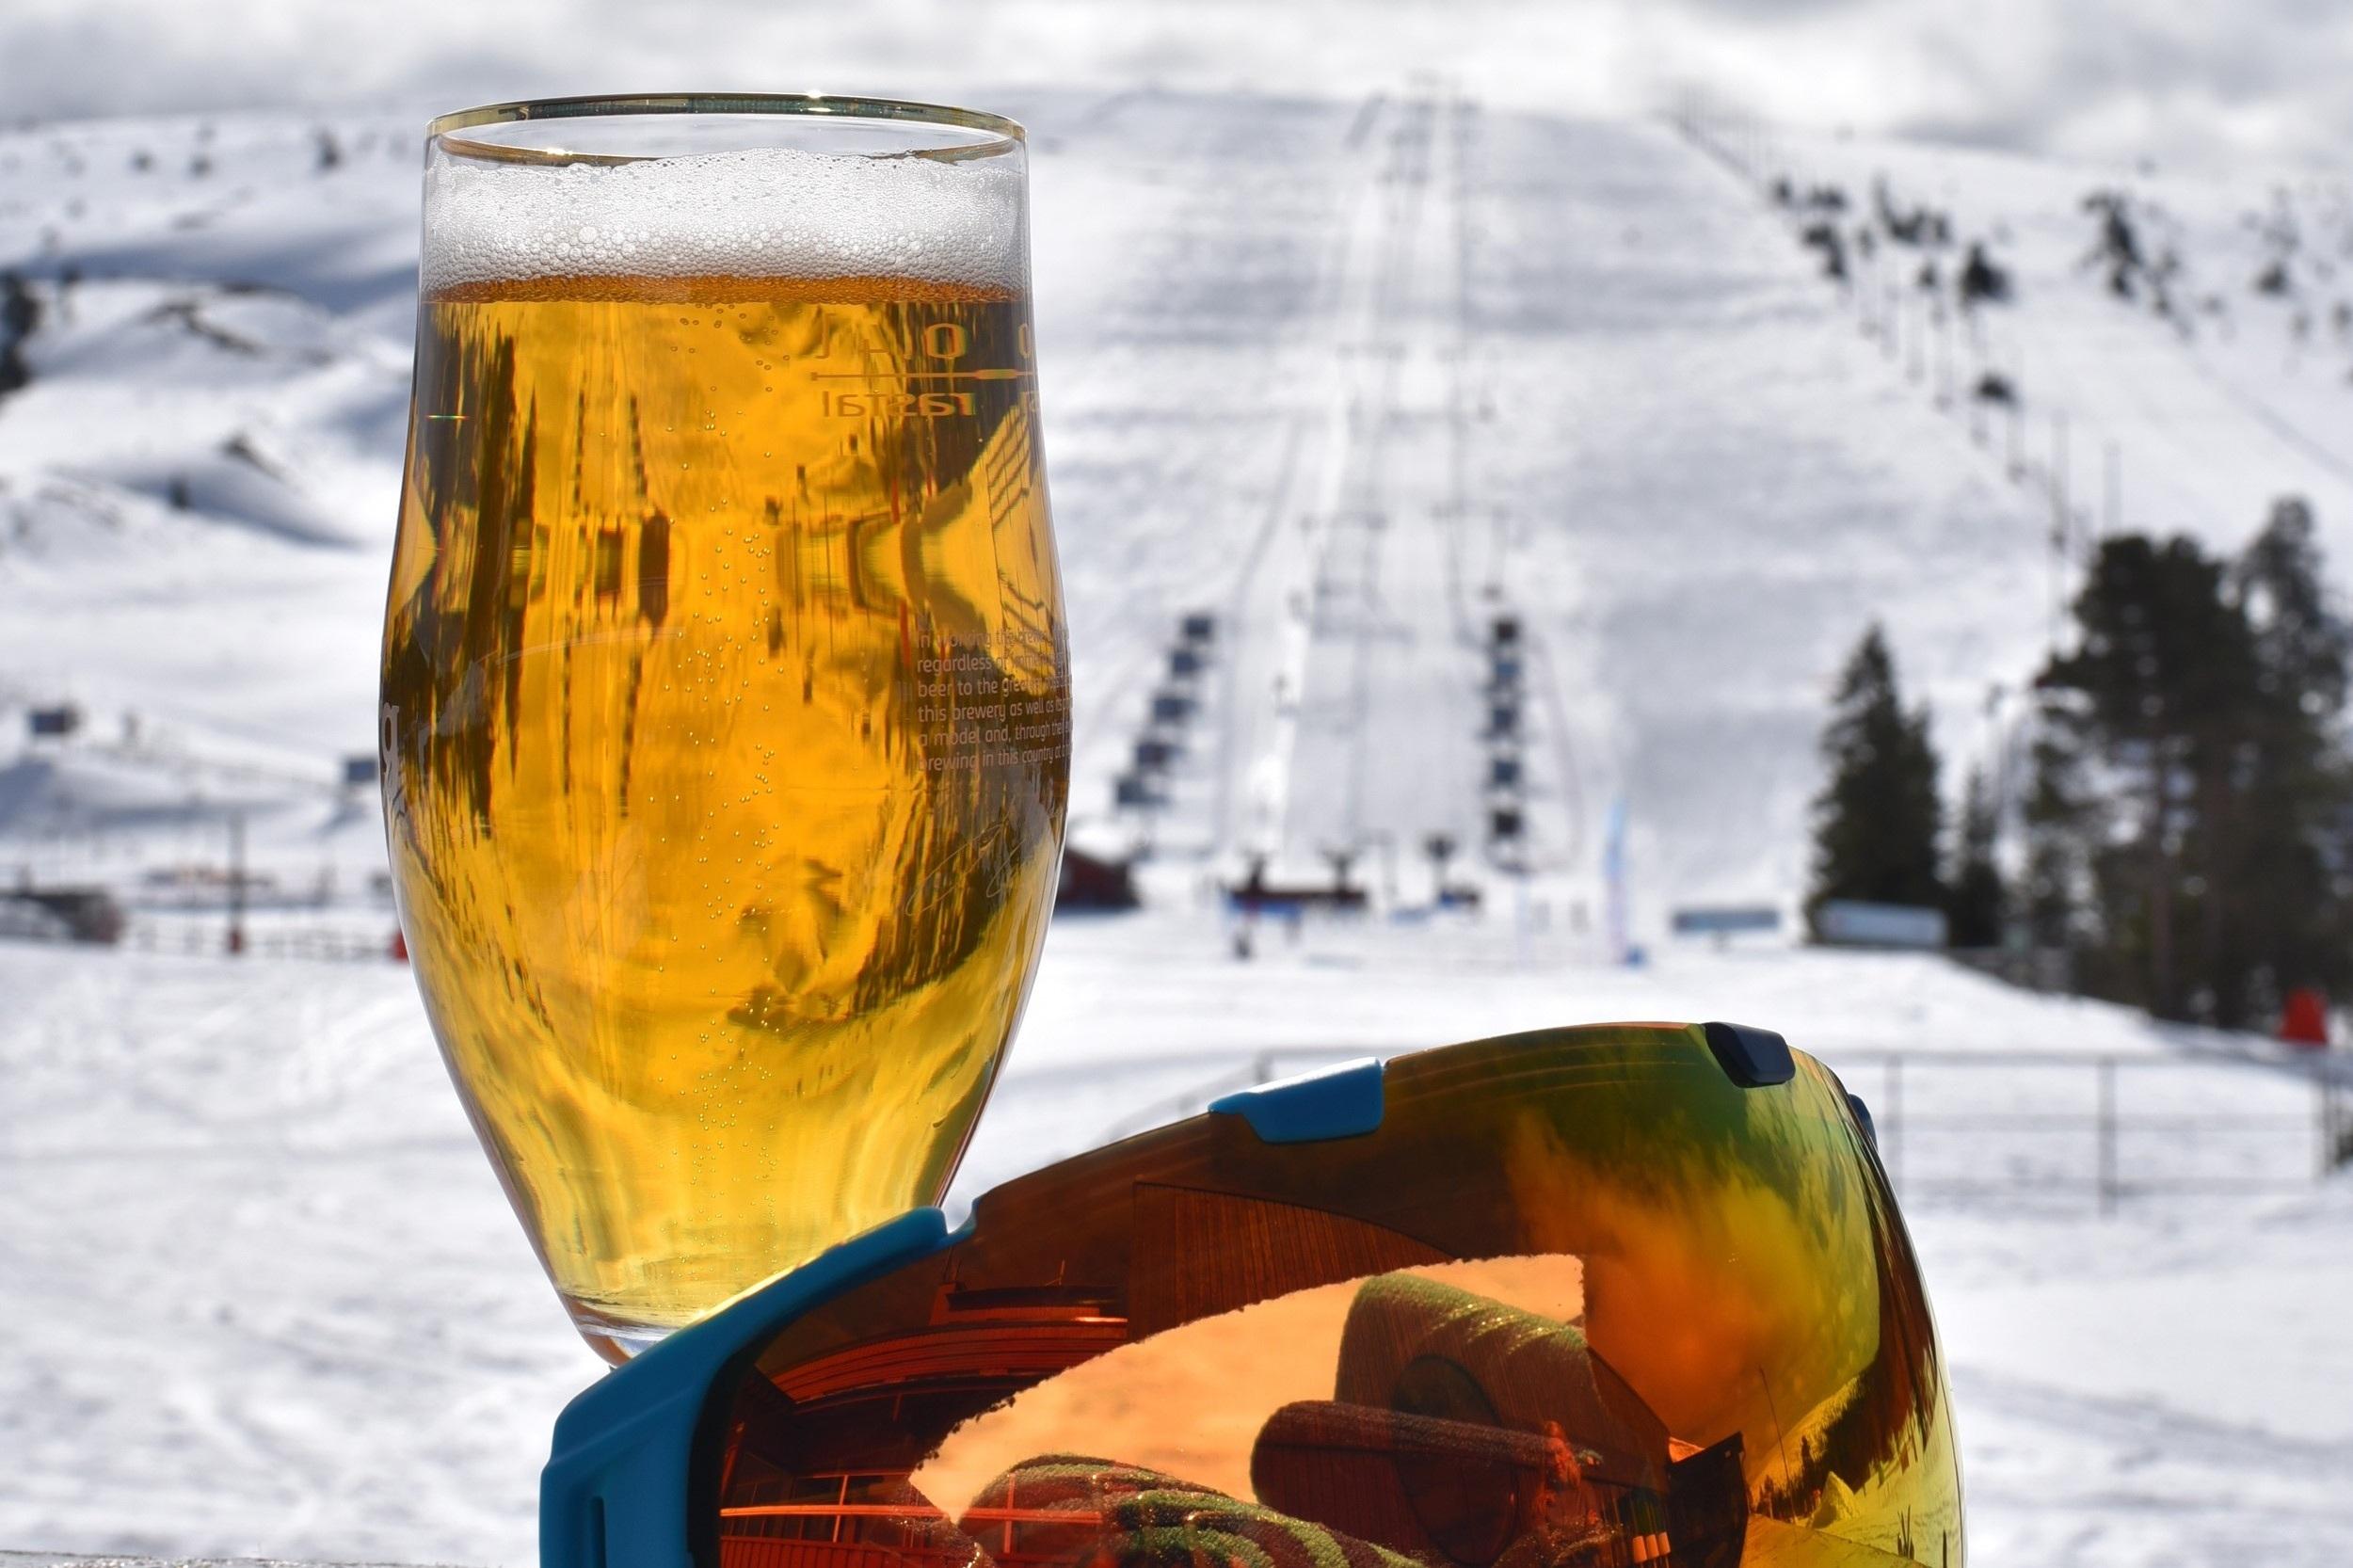 Afterski Drinkbord Standard - Vinterträdgården. Ståplats med ståbord nära scenen, 2 öl 2 Jägermeister ingår. Minst 4 per bord.595kr